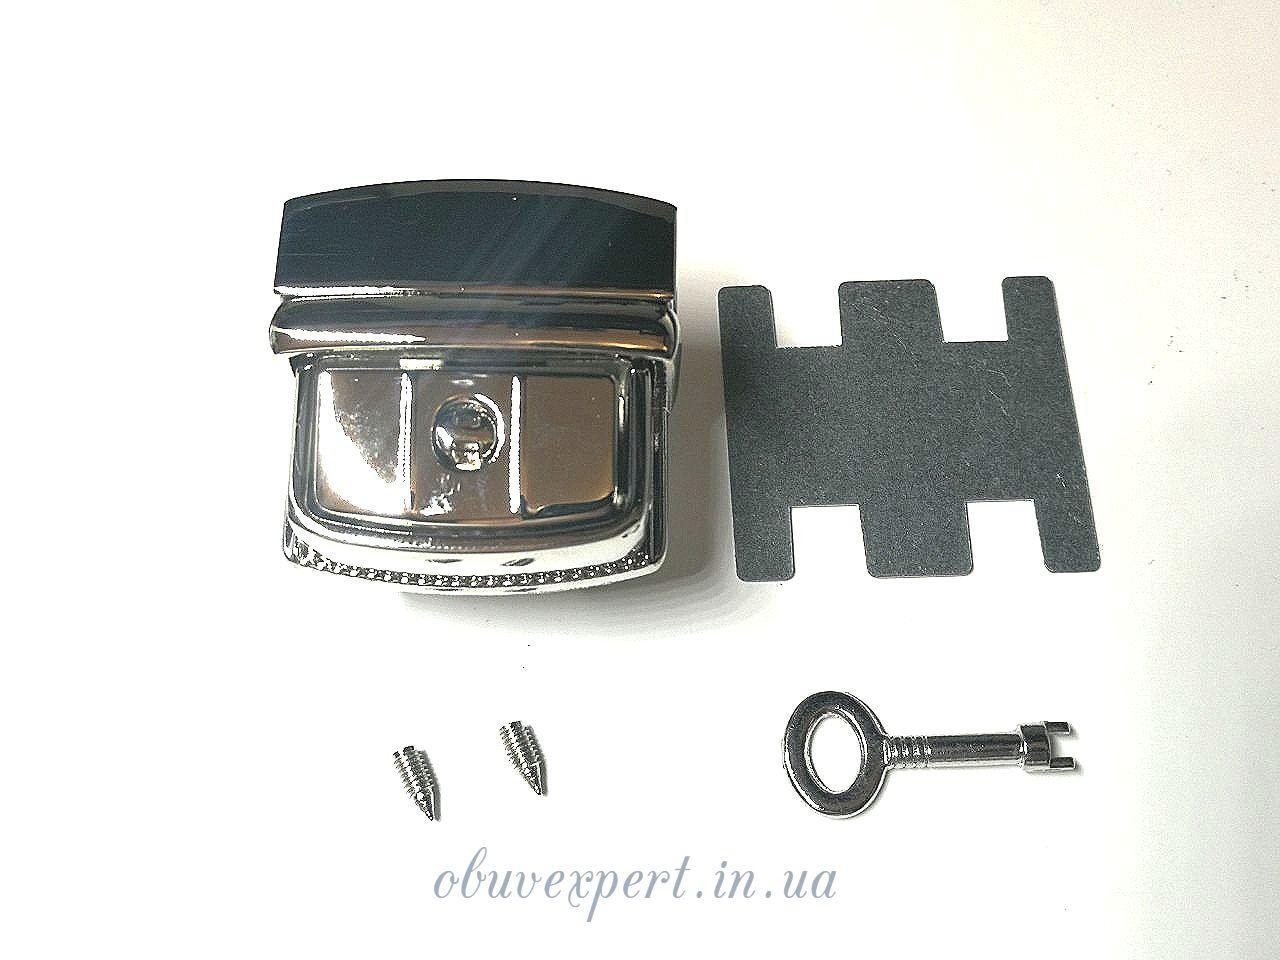 Замок сумочный, портфельный клавишный под ключик 36*37 мм Никель